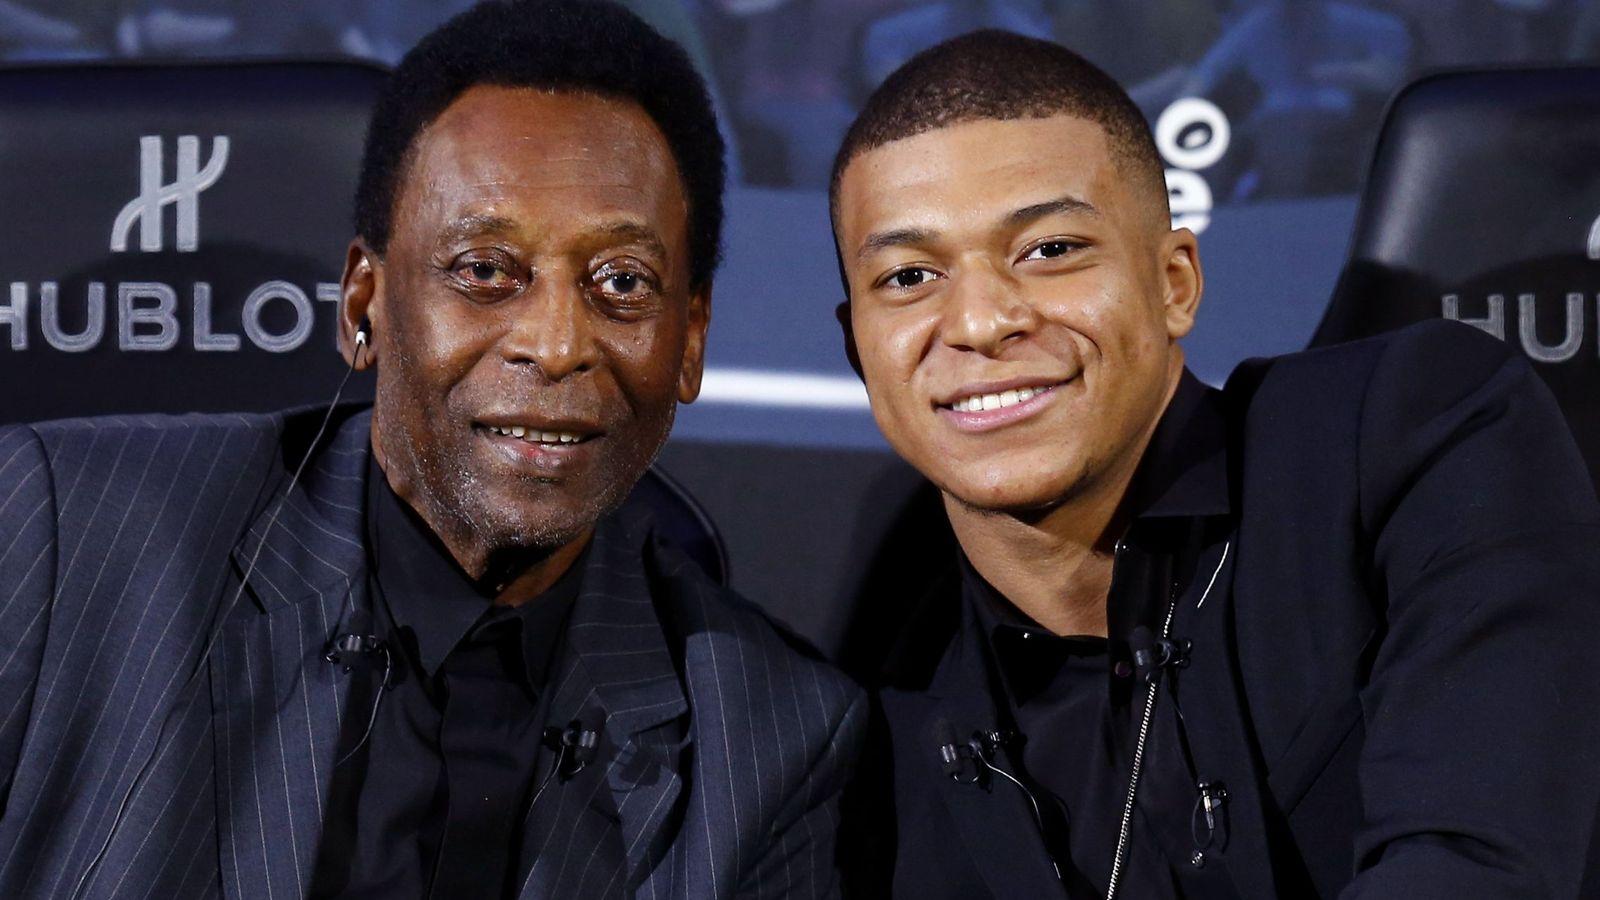 Foto: Pelé y Mbappé en el acto de Hublot en París. (Efe)